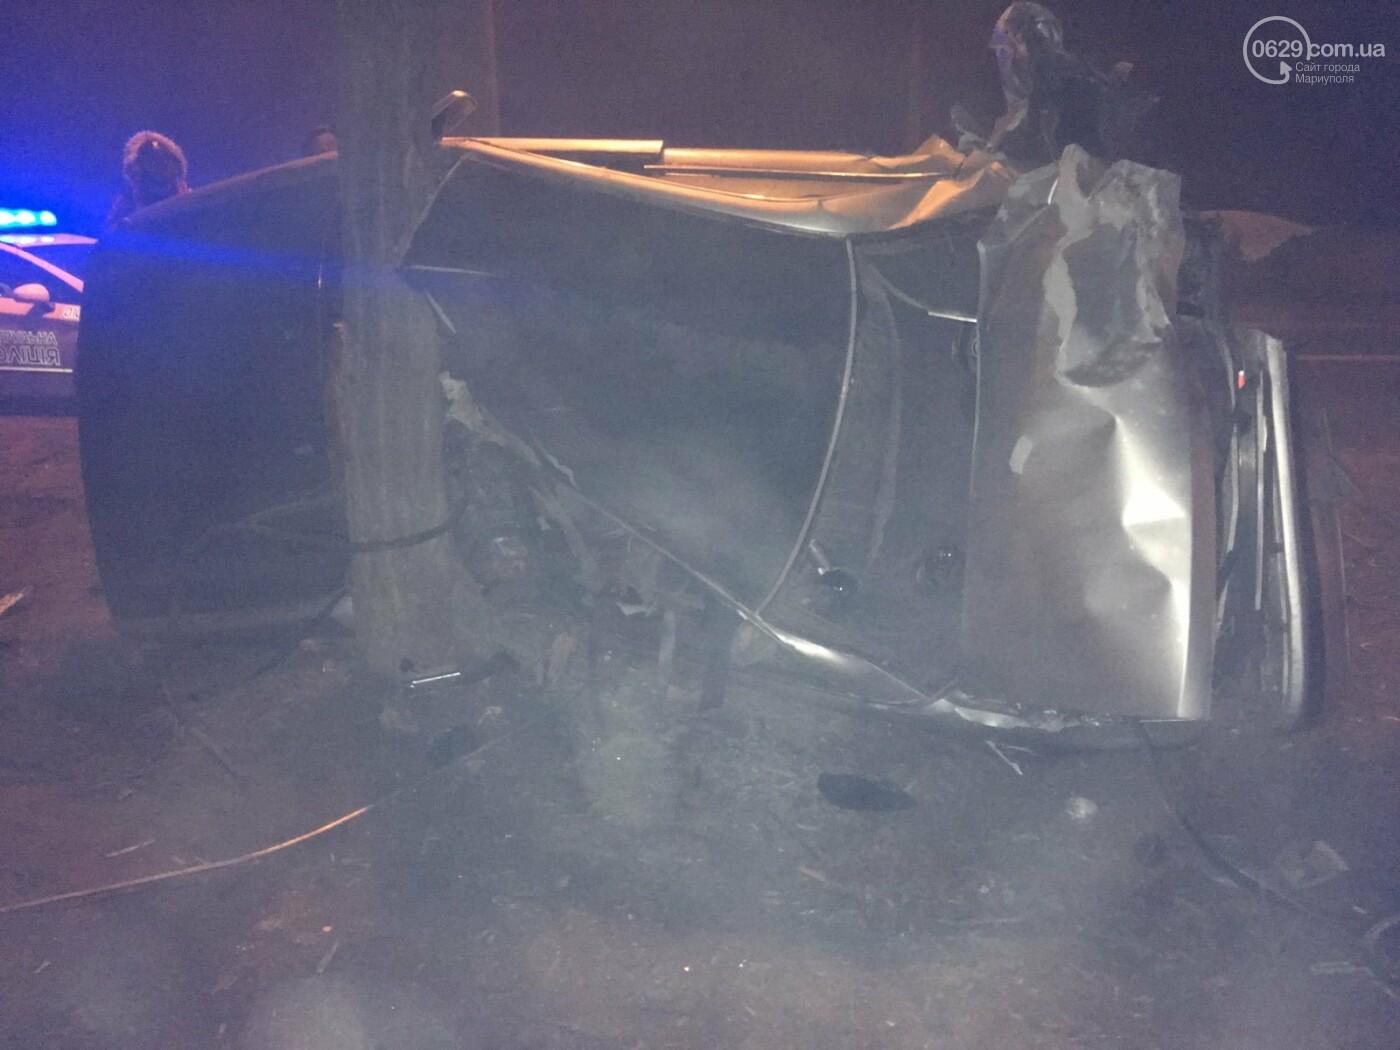 Жуткая авария на Левобережье Мариуполя. Пострадали четверо человек, - ФОТО, фото-4